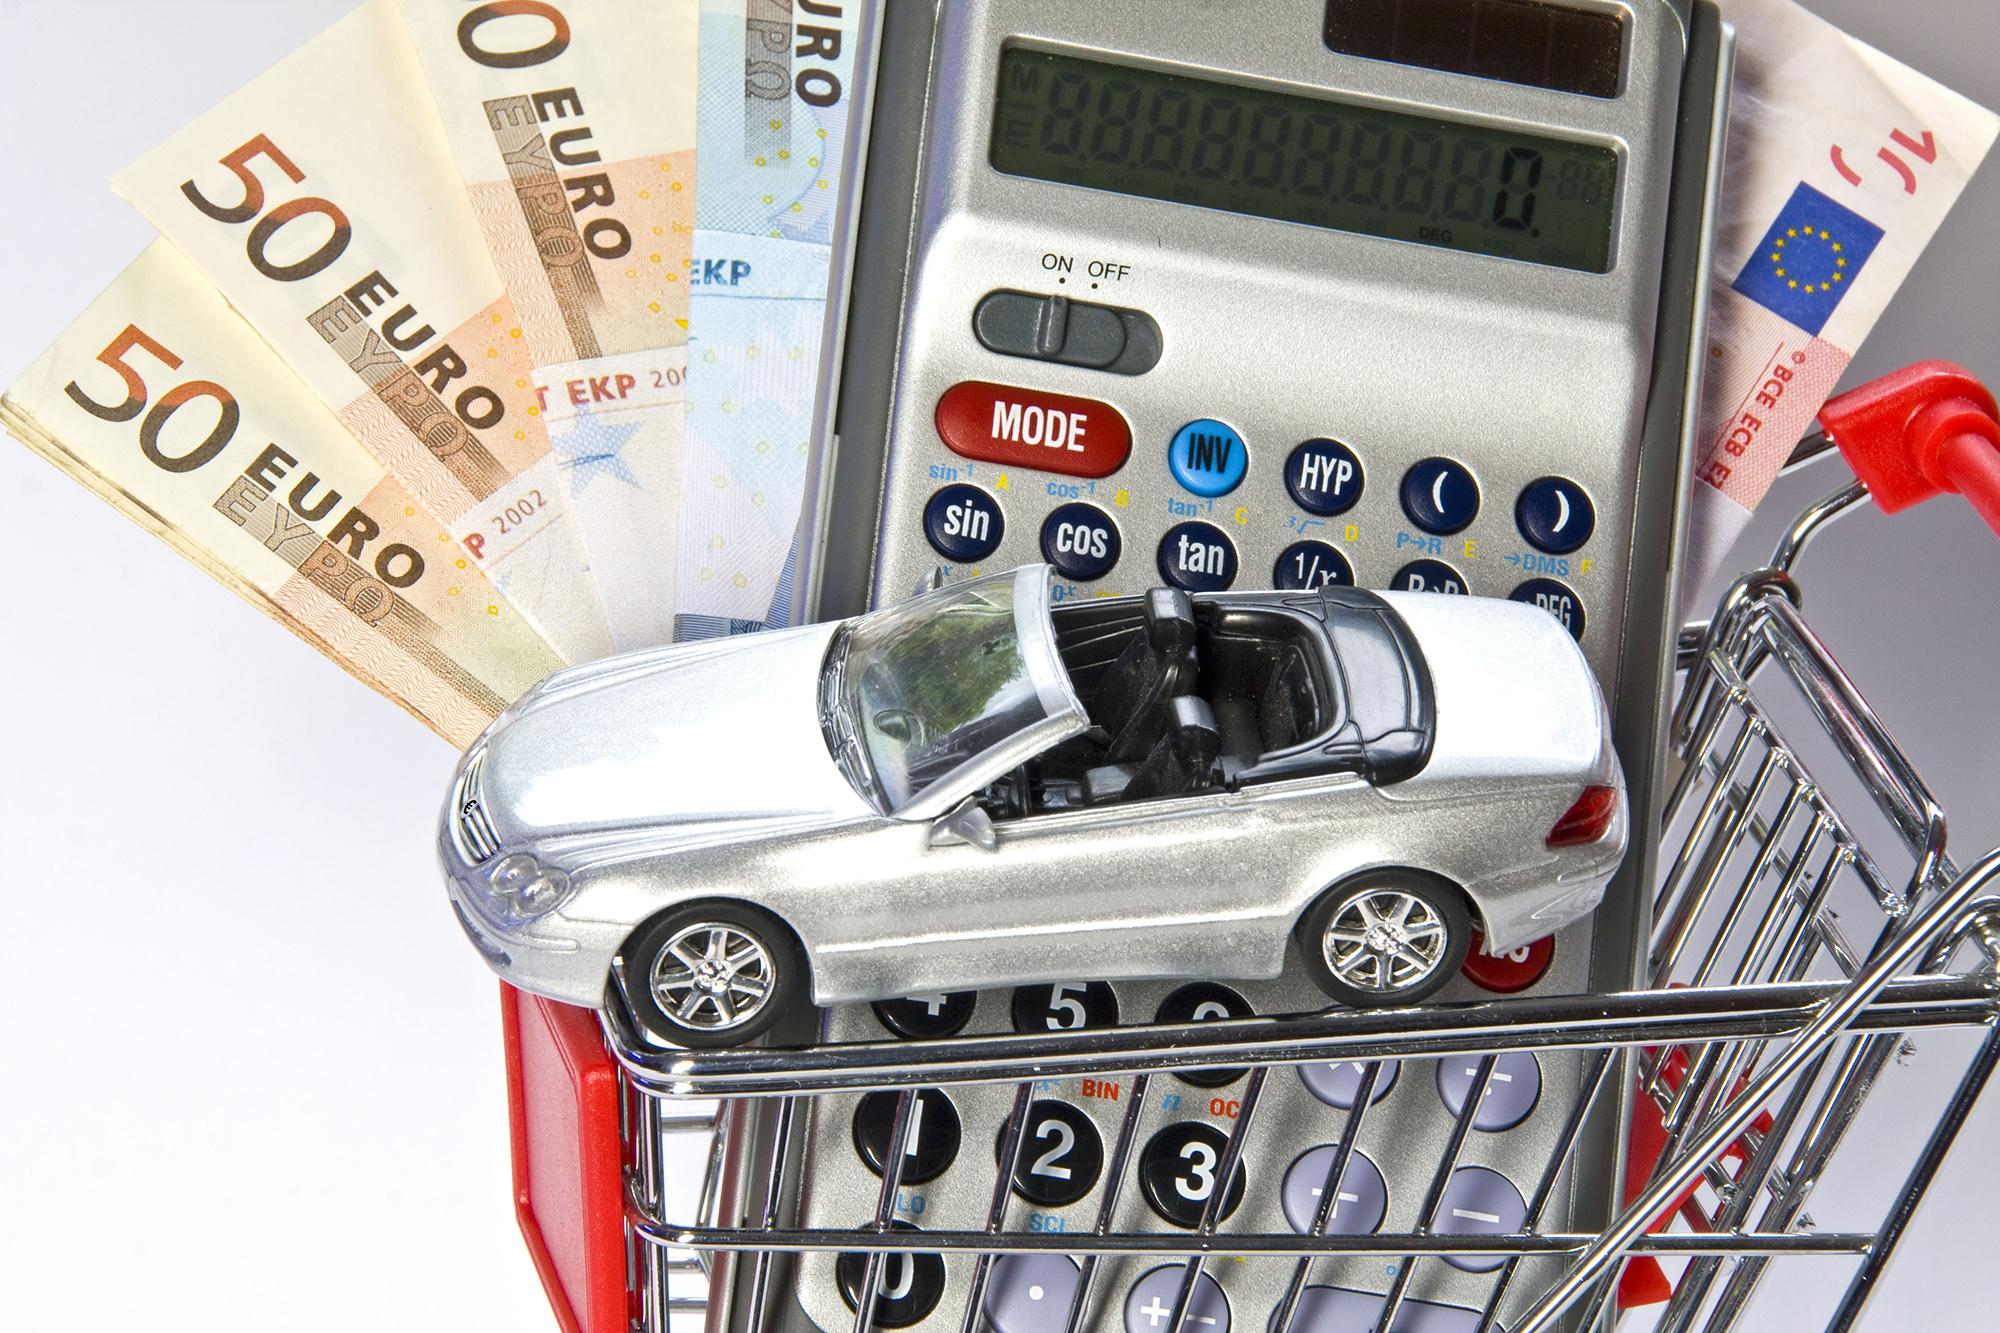 Finanzielle Anreize: Beim Online-Autokauf lässt sich bares Geld sparen, wenn man es richtig angeht.